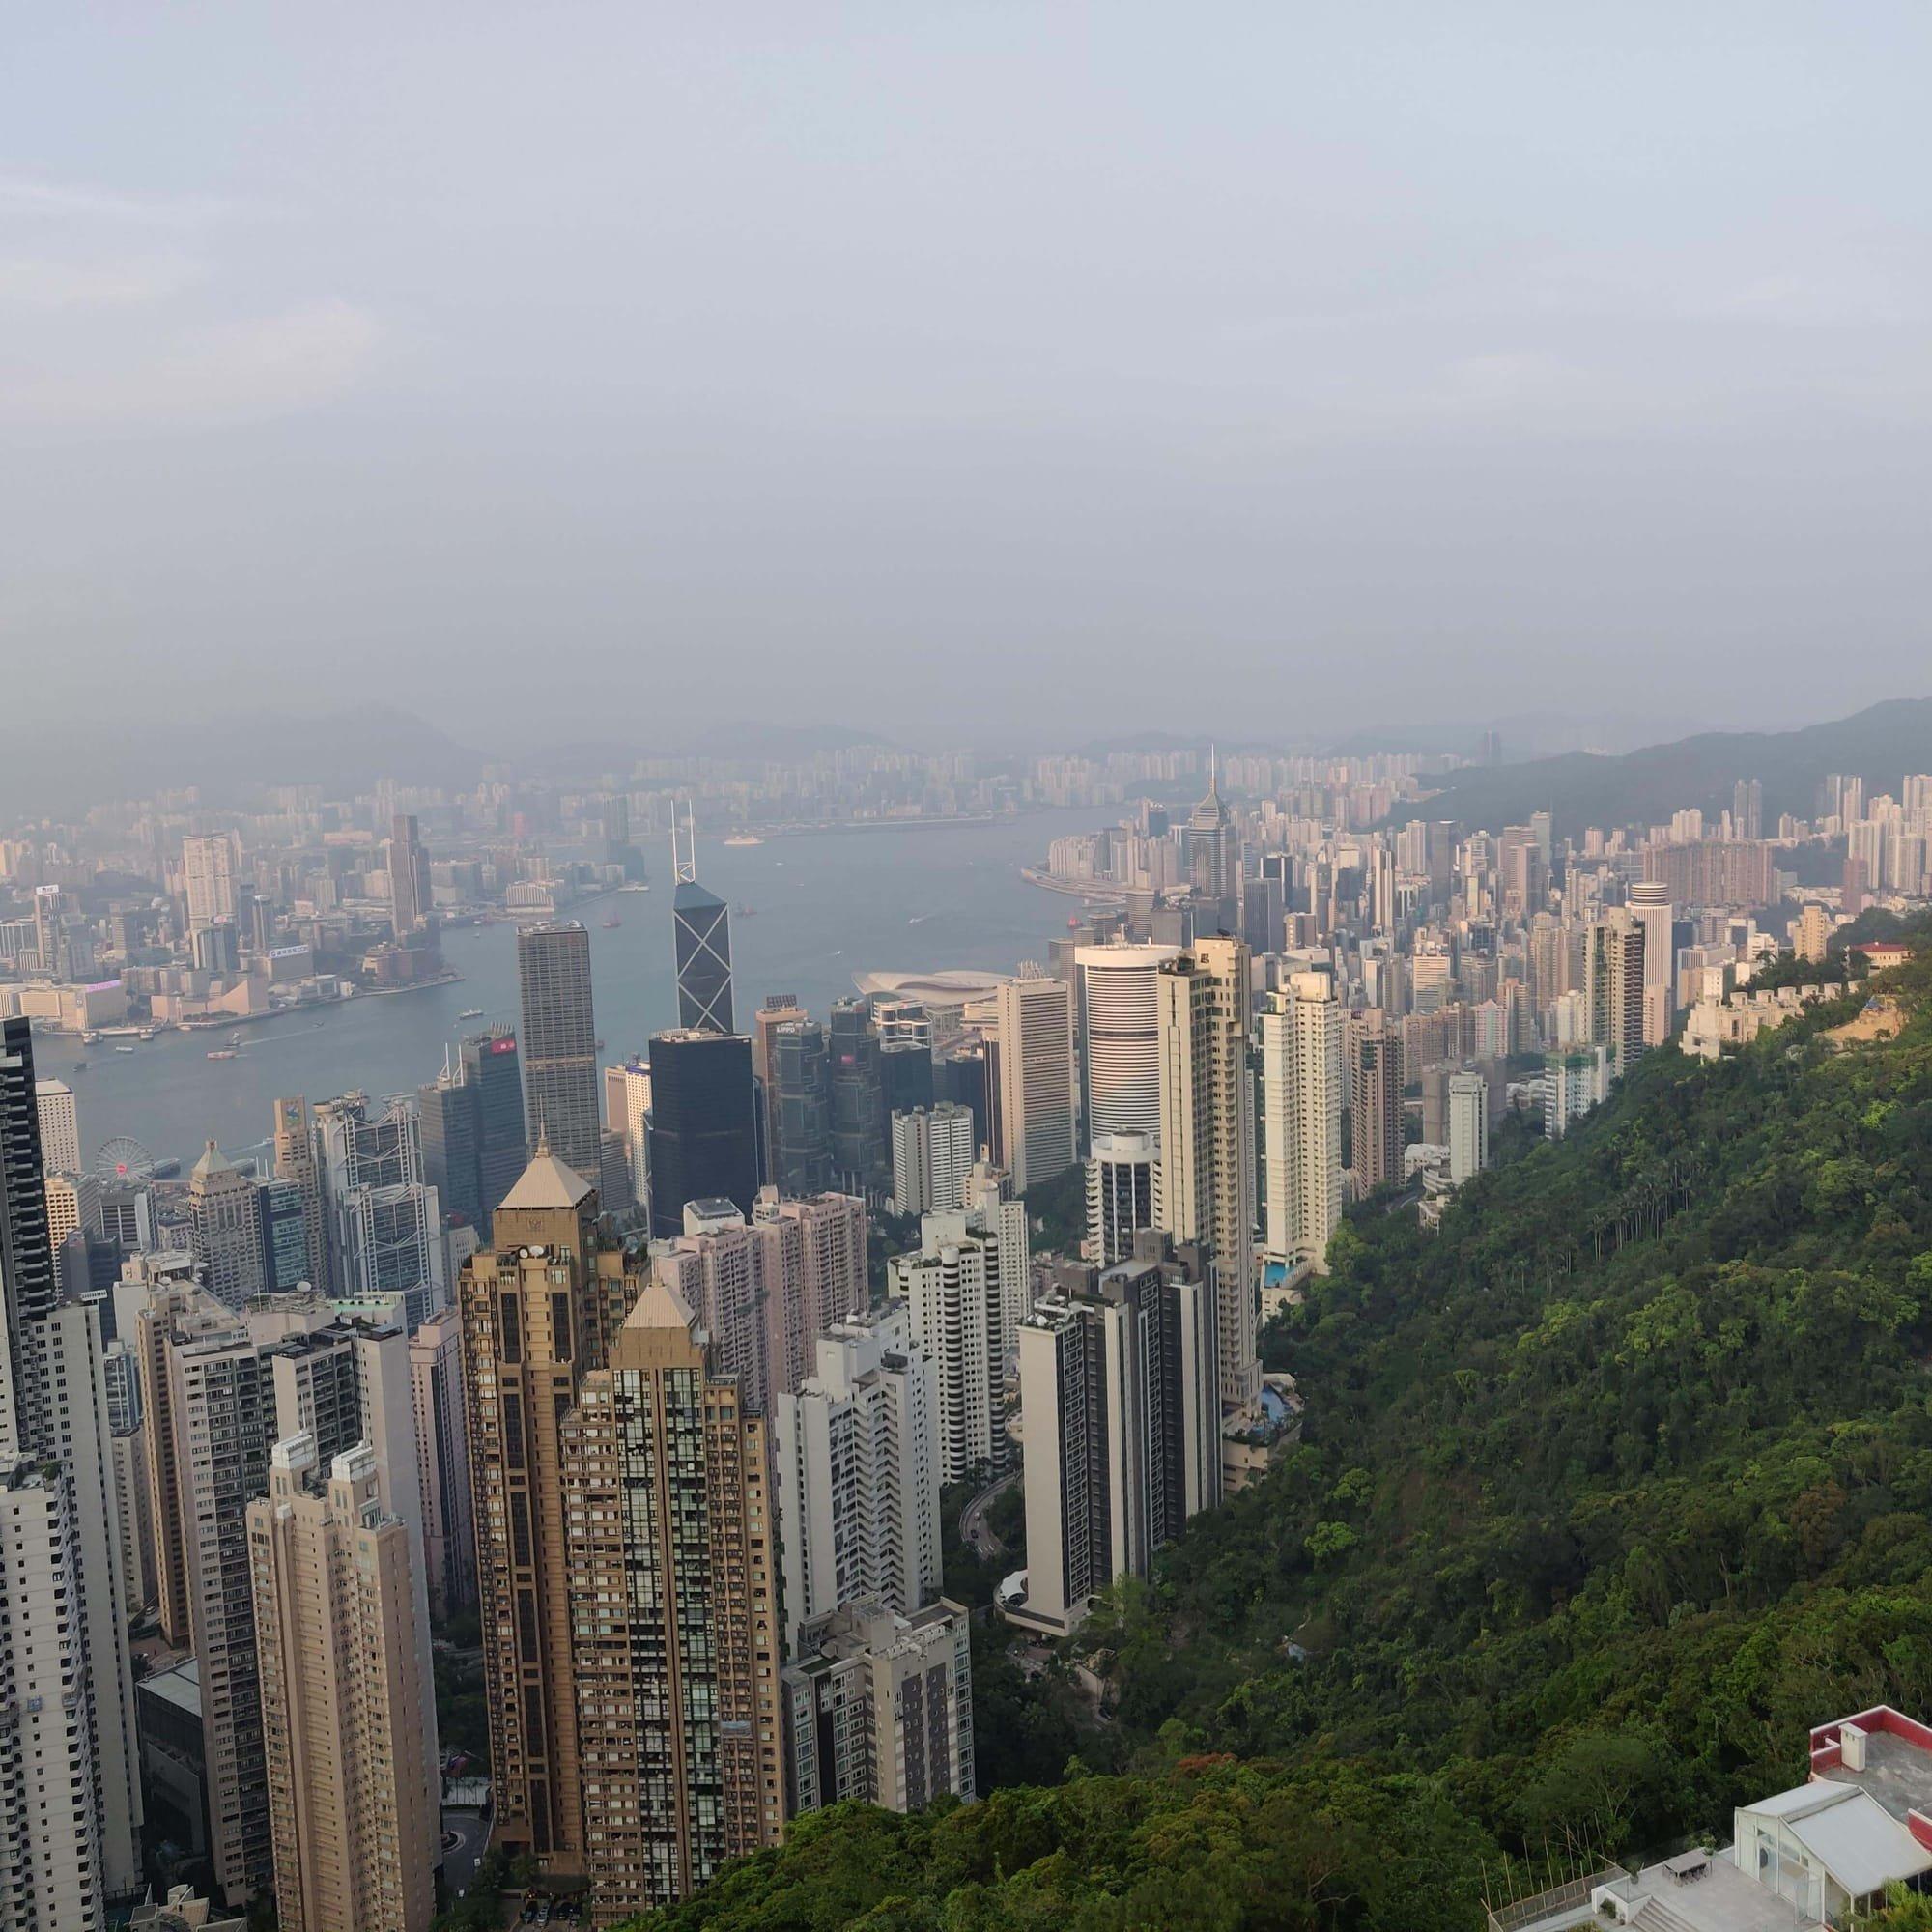 רוית רדיאן, בין ים ושמיים, אימון עסקי, אימון לשינוי, אימון אישי, הונג קונג